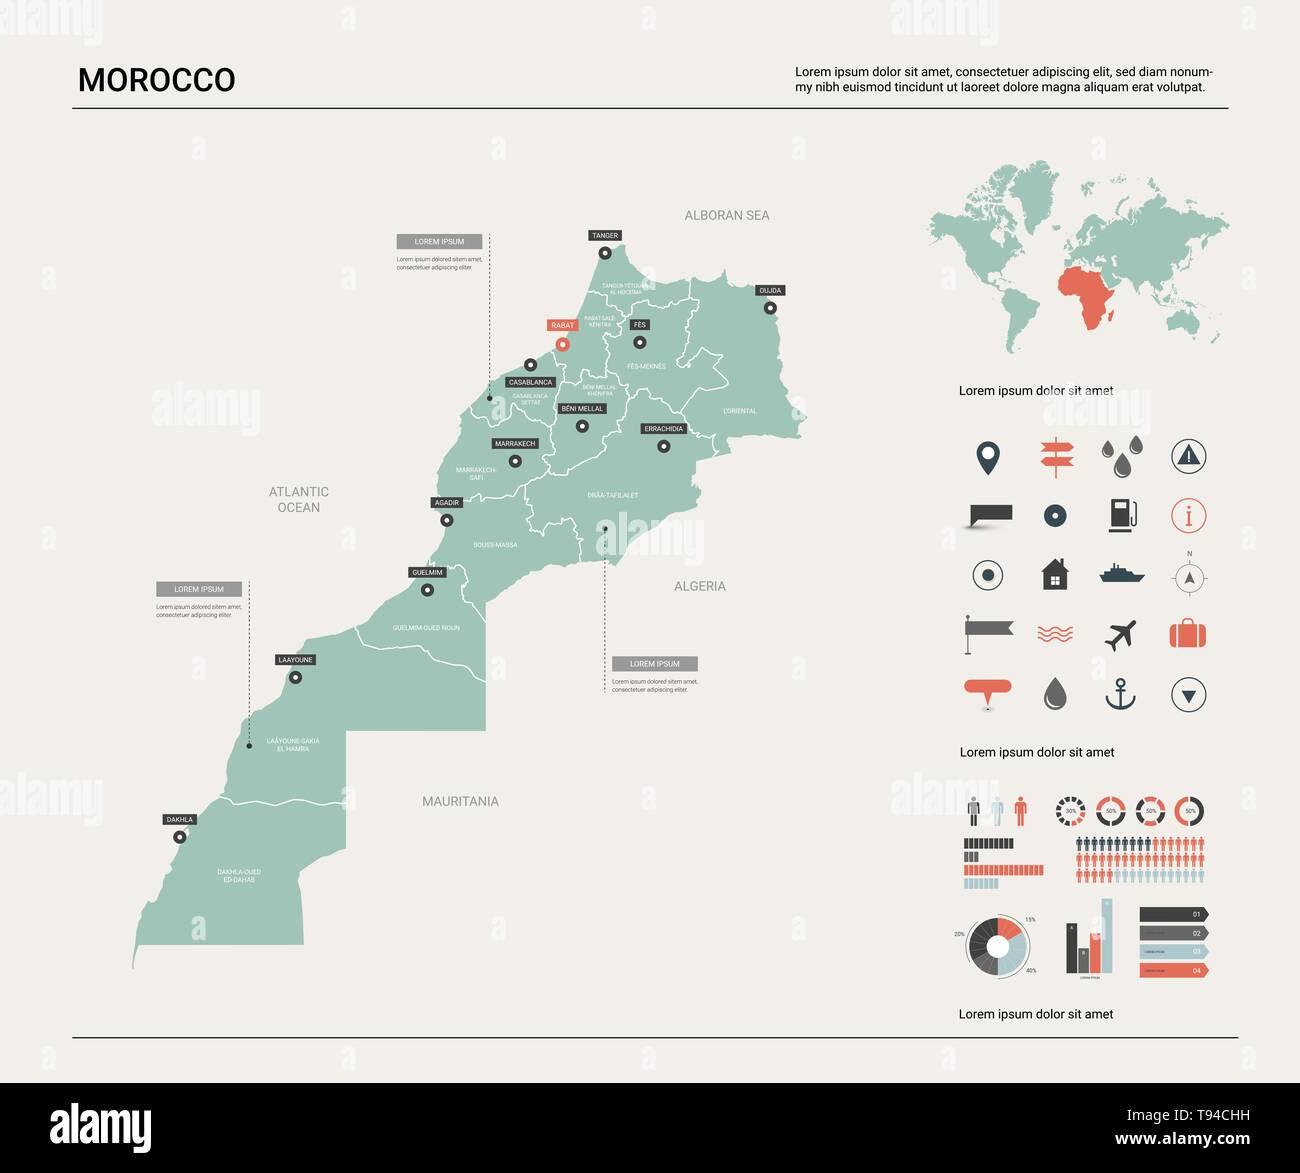 Mapa De Marruecos Ciudades.Mapa De Vectores De Marruecos Mapa Del Pais Con La Division